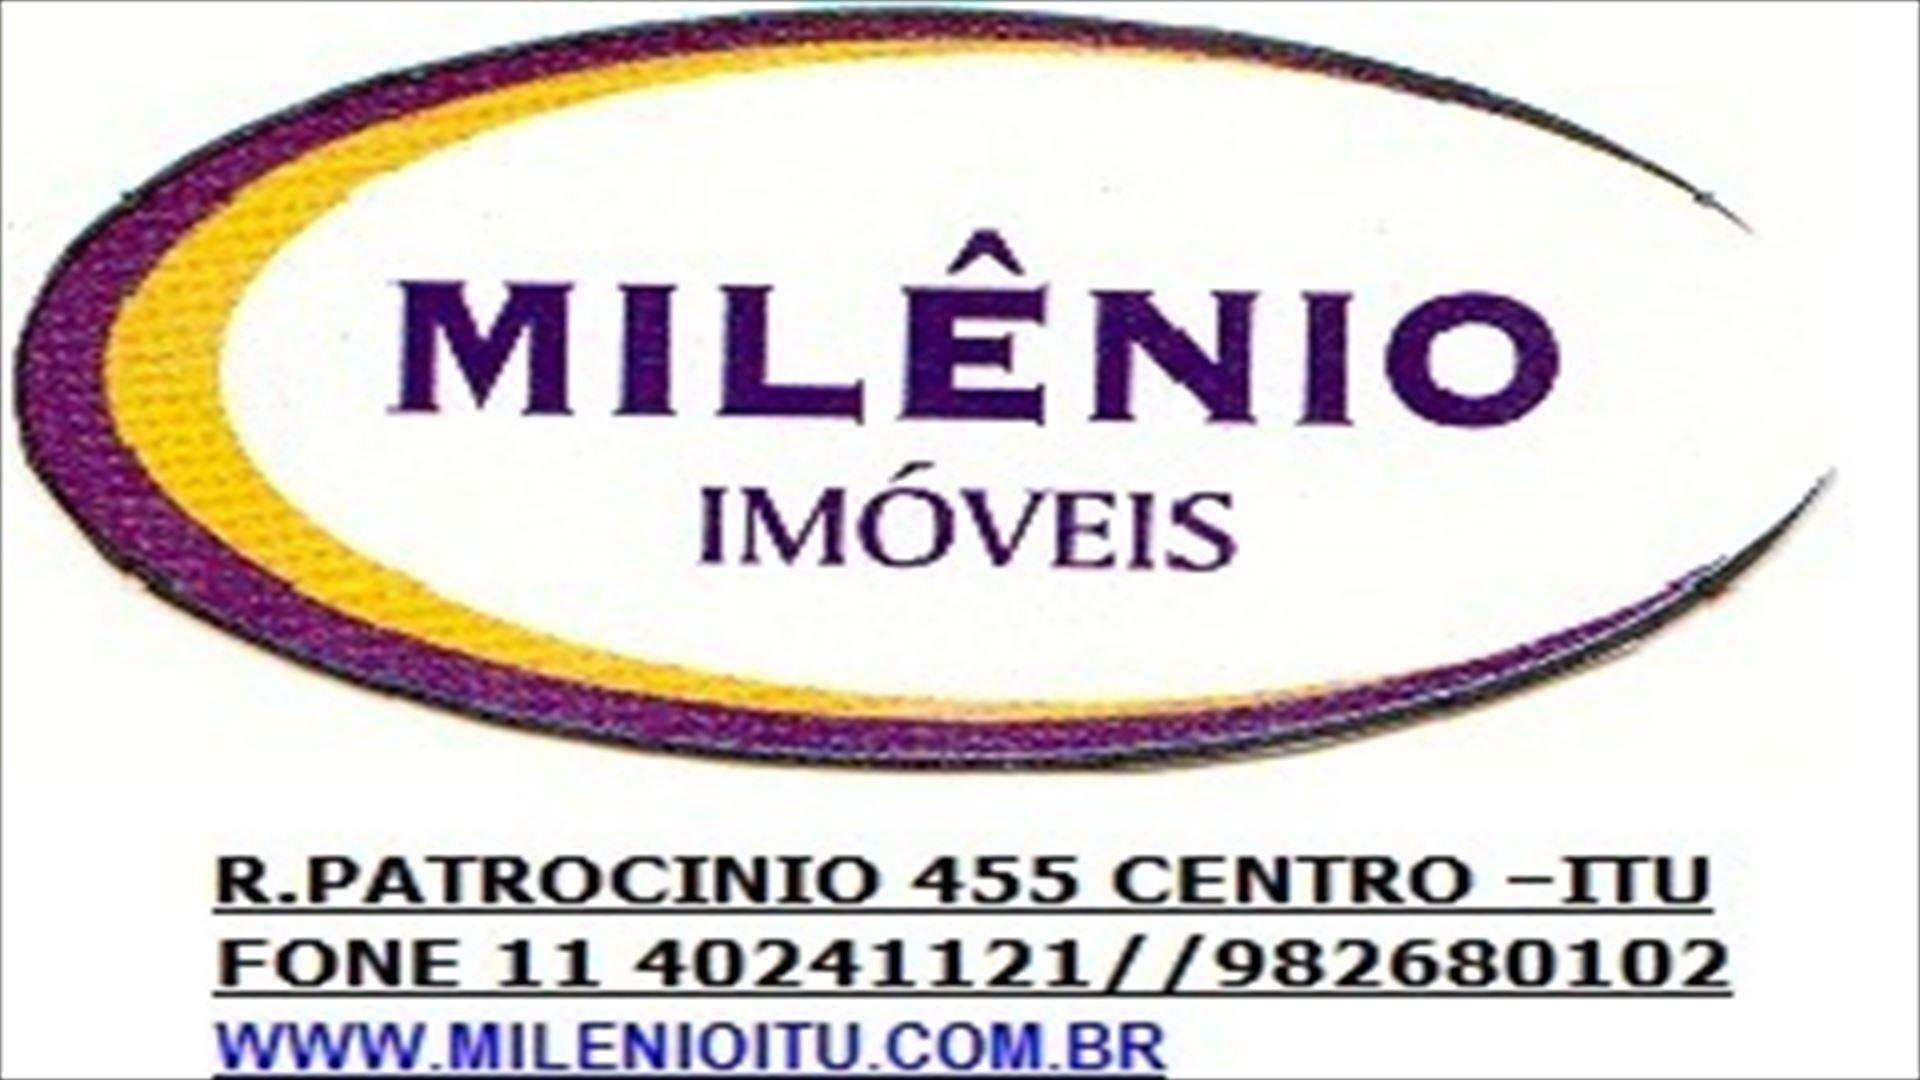 173400-LOGO_TIPO_MILENIO1.jpg